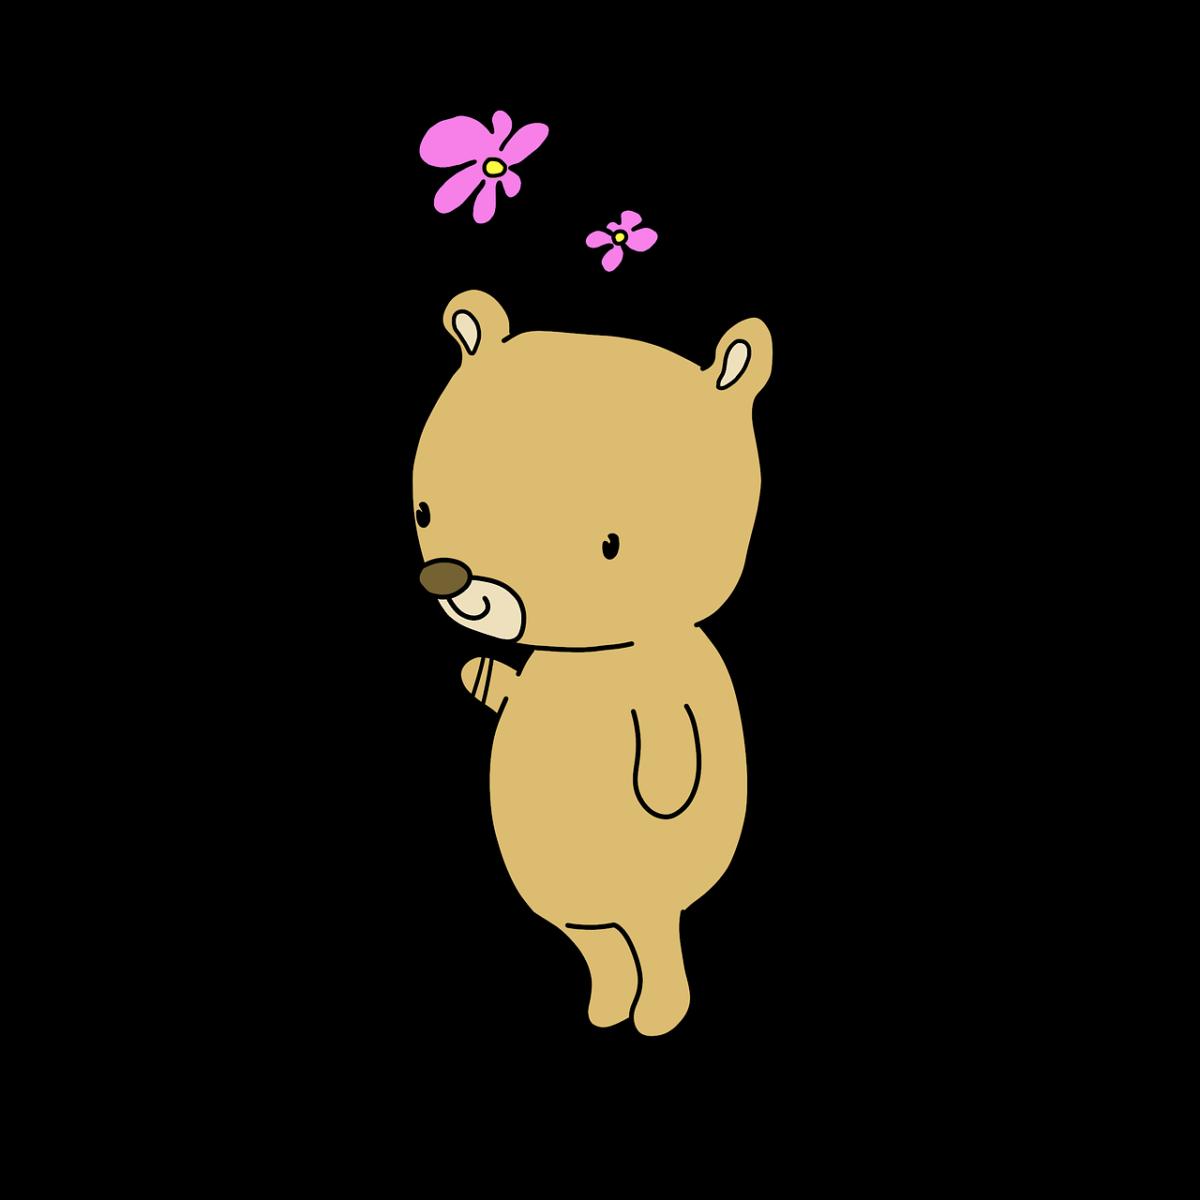 引っ越し祝いでおすすめのBRUNO(ブルーノ)の商品3選!